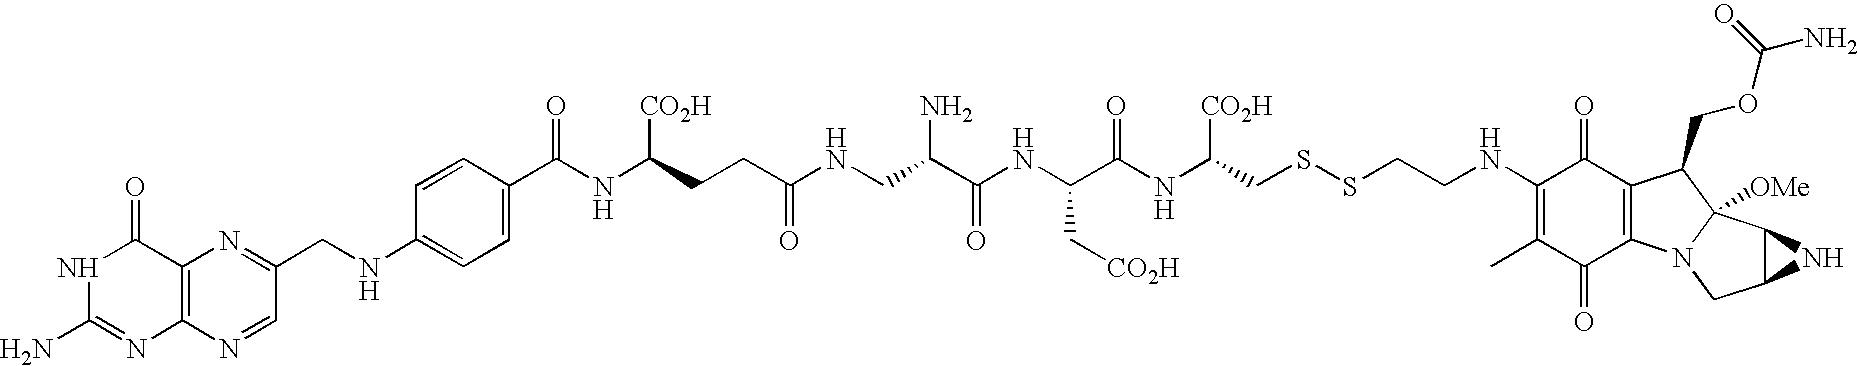 Figure US20100004276A1-20100107-C00164